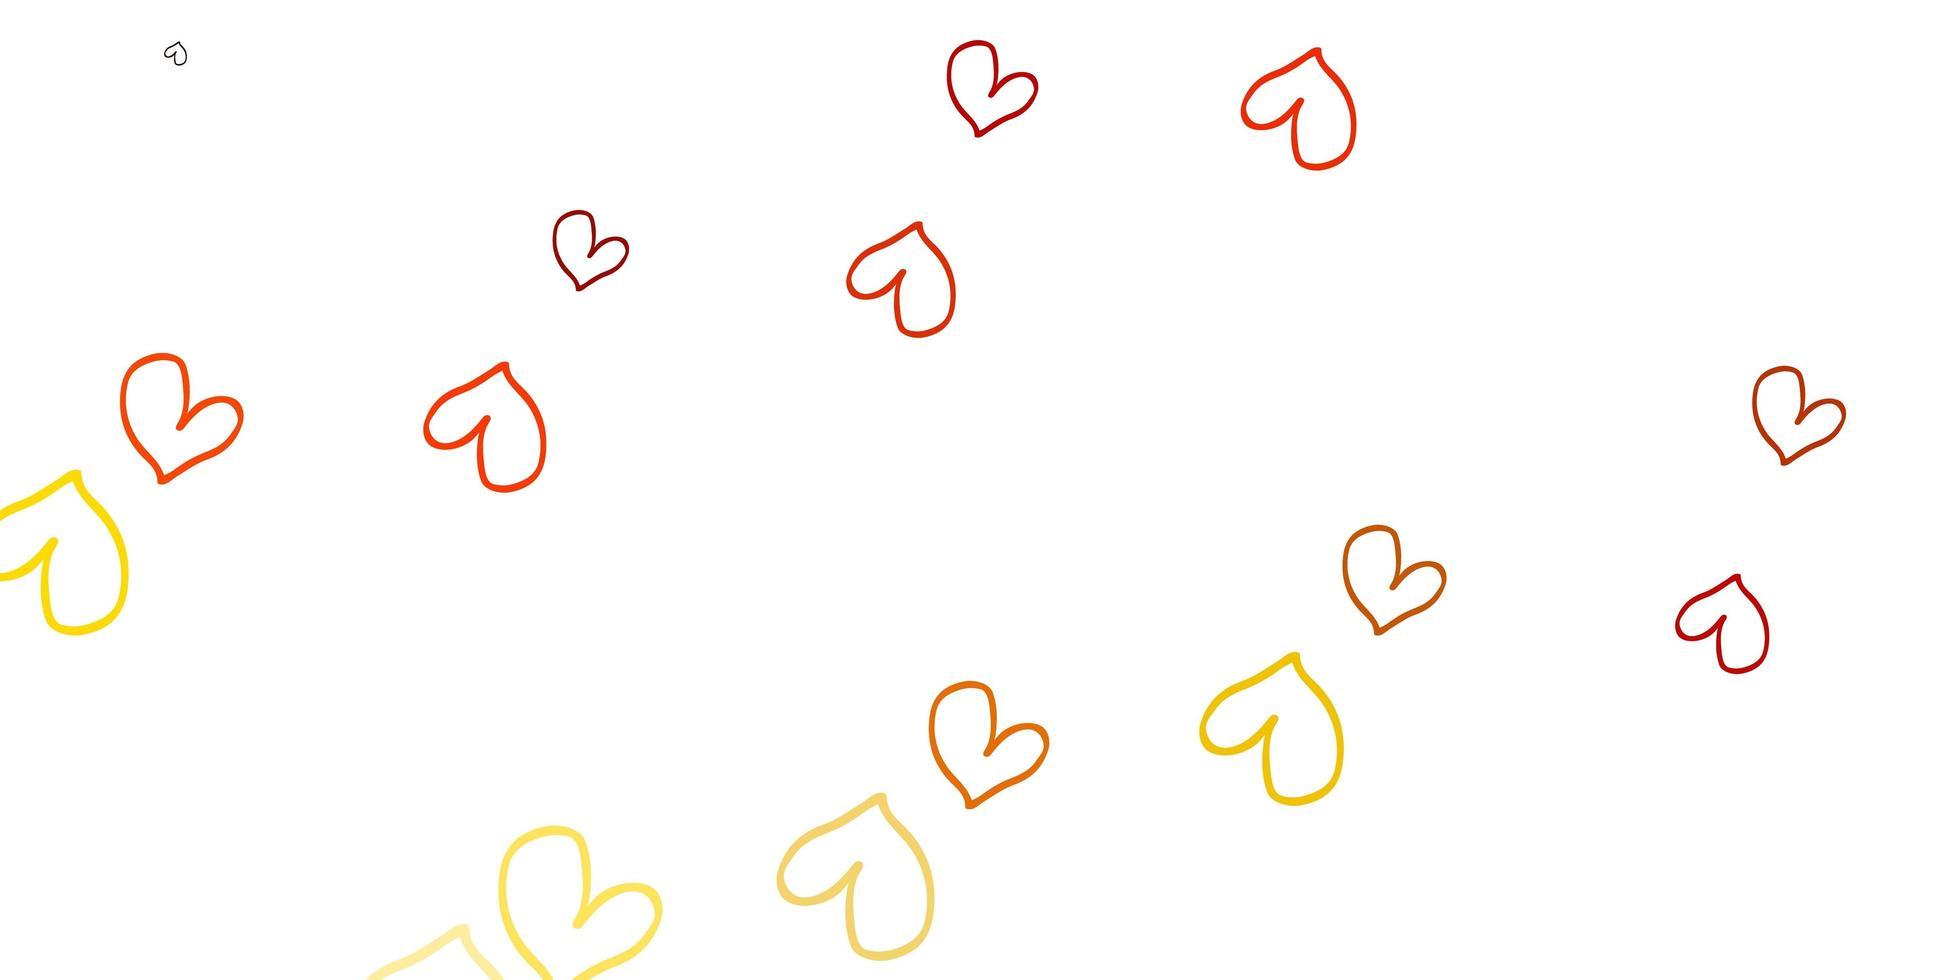 padrão de vetor laranja claro com corações coloridos.